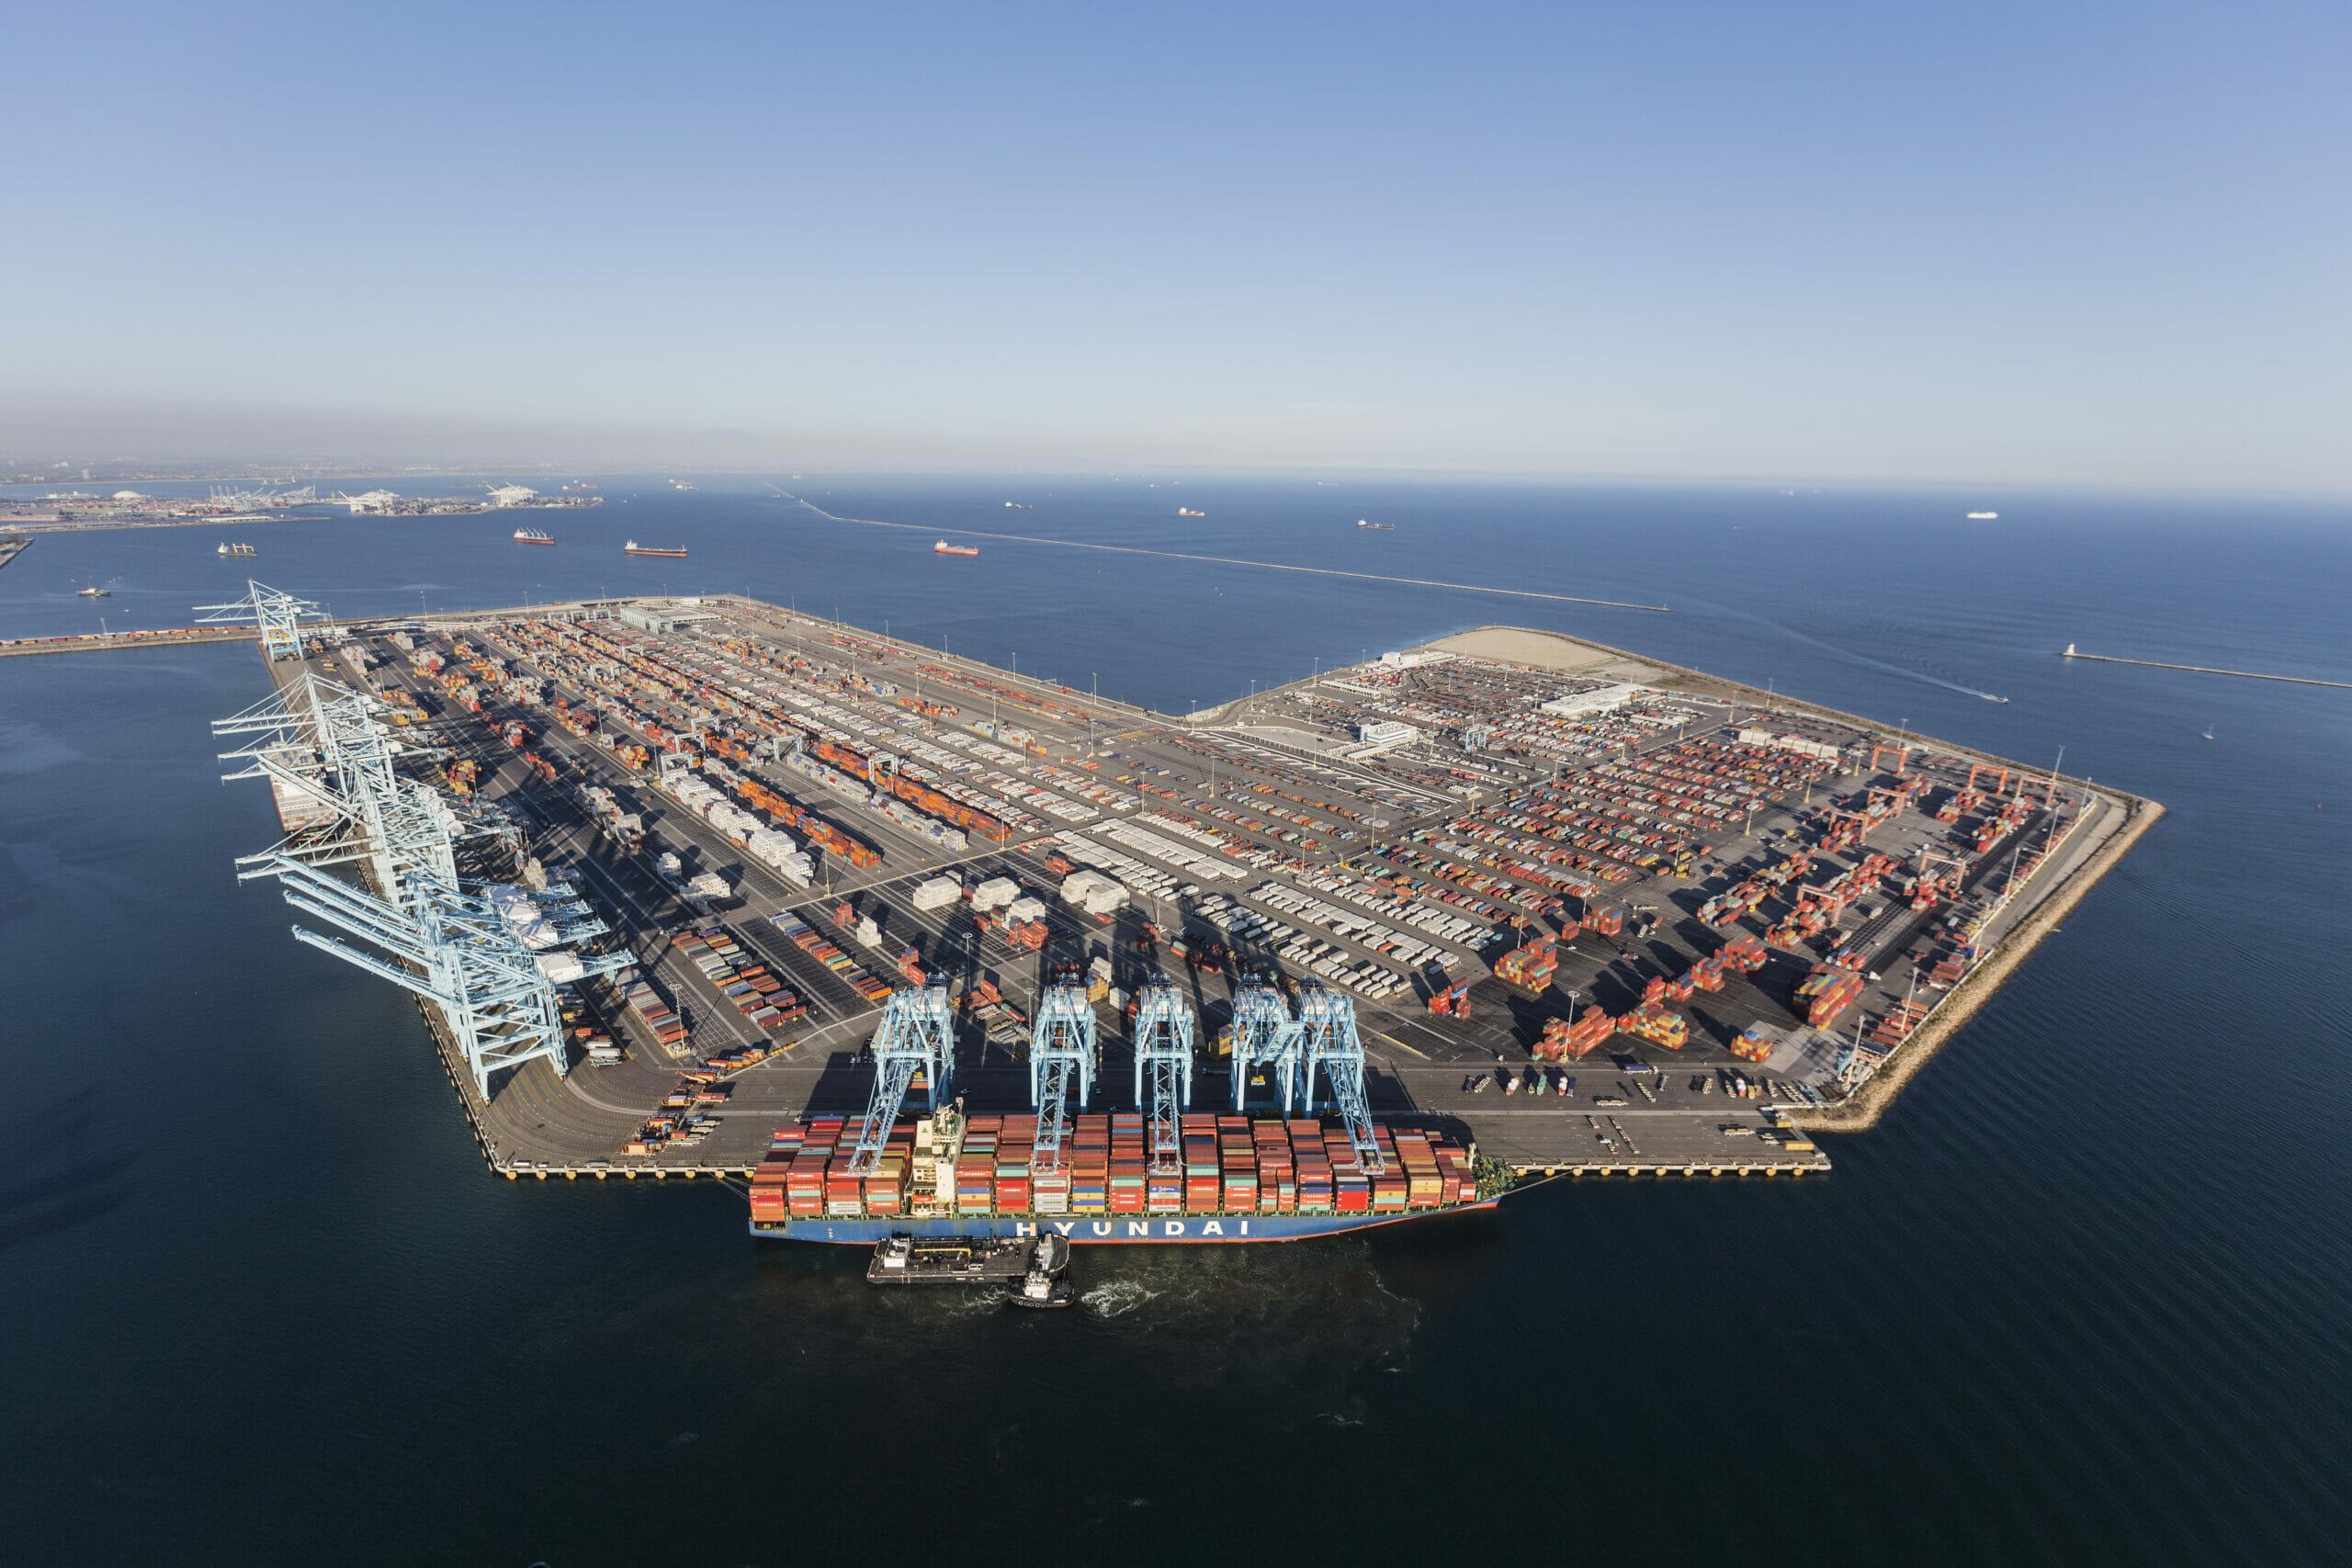 چشمانداز مبهم حمل و نقل دریایی در عصر کرونا